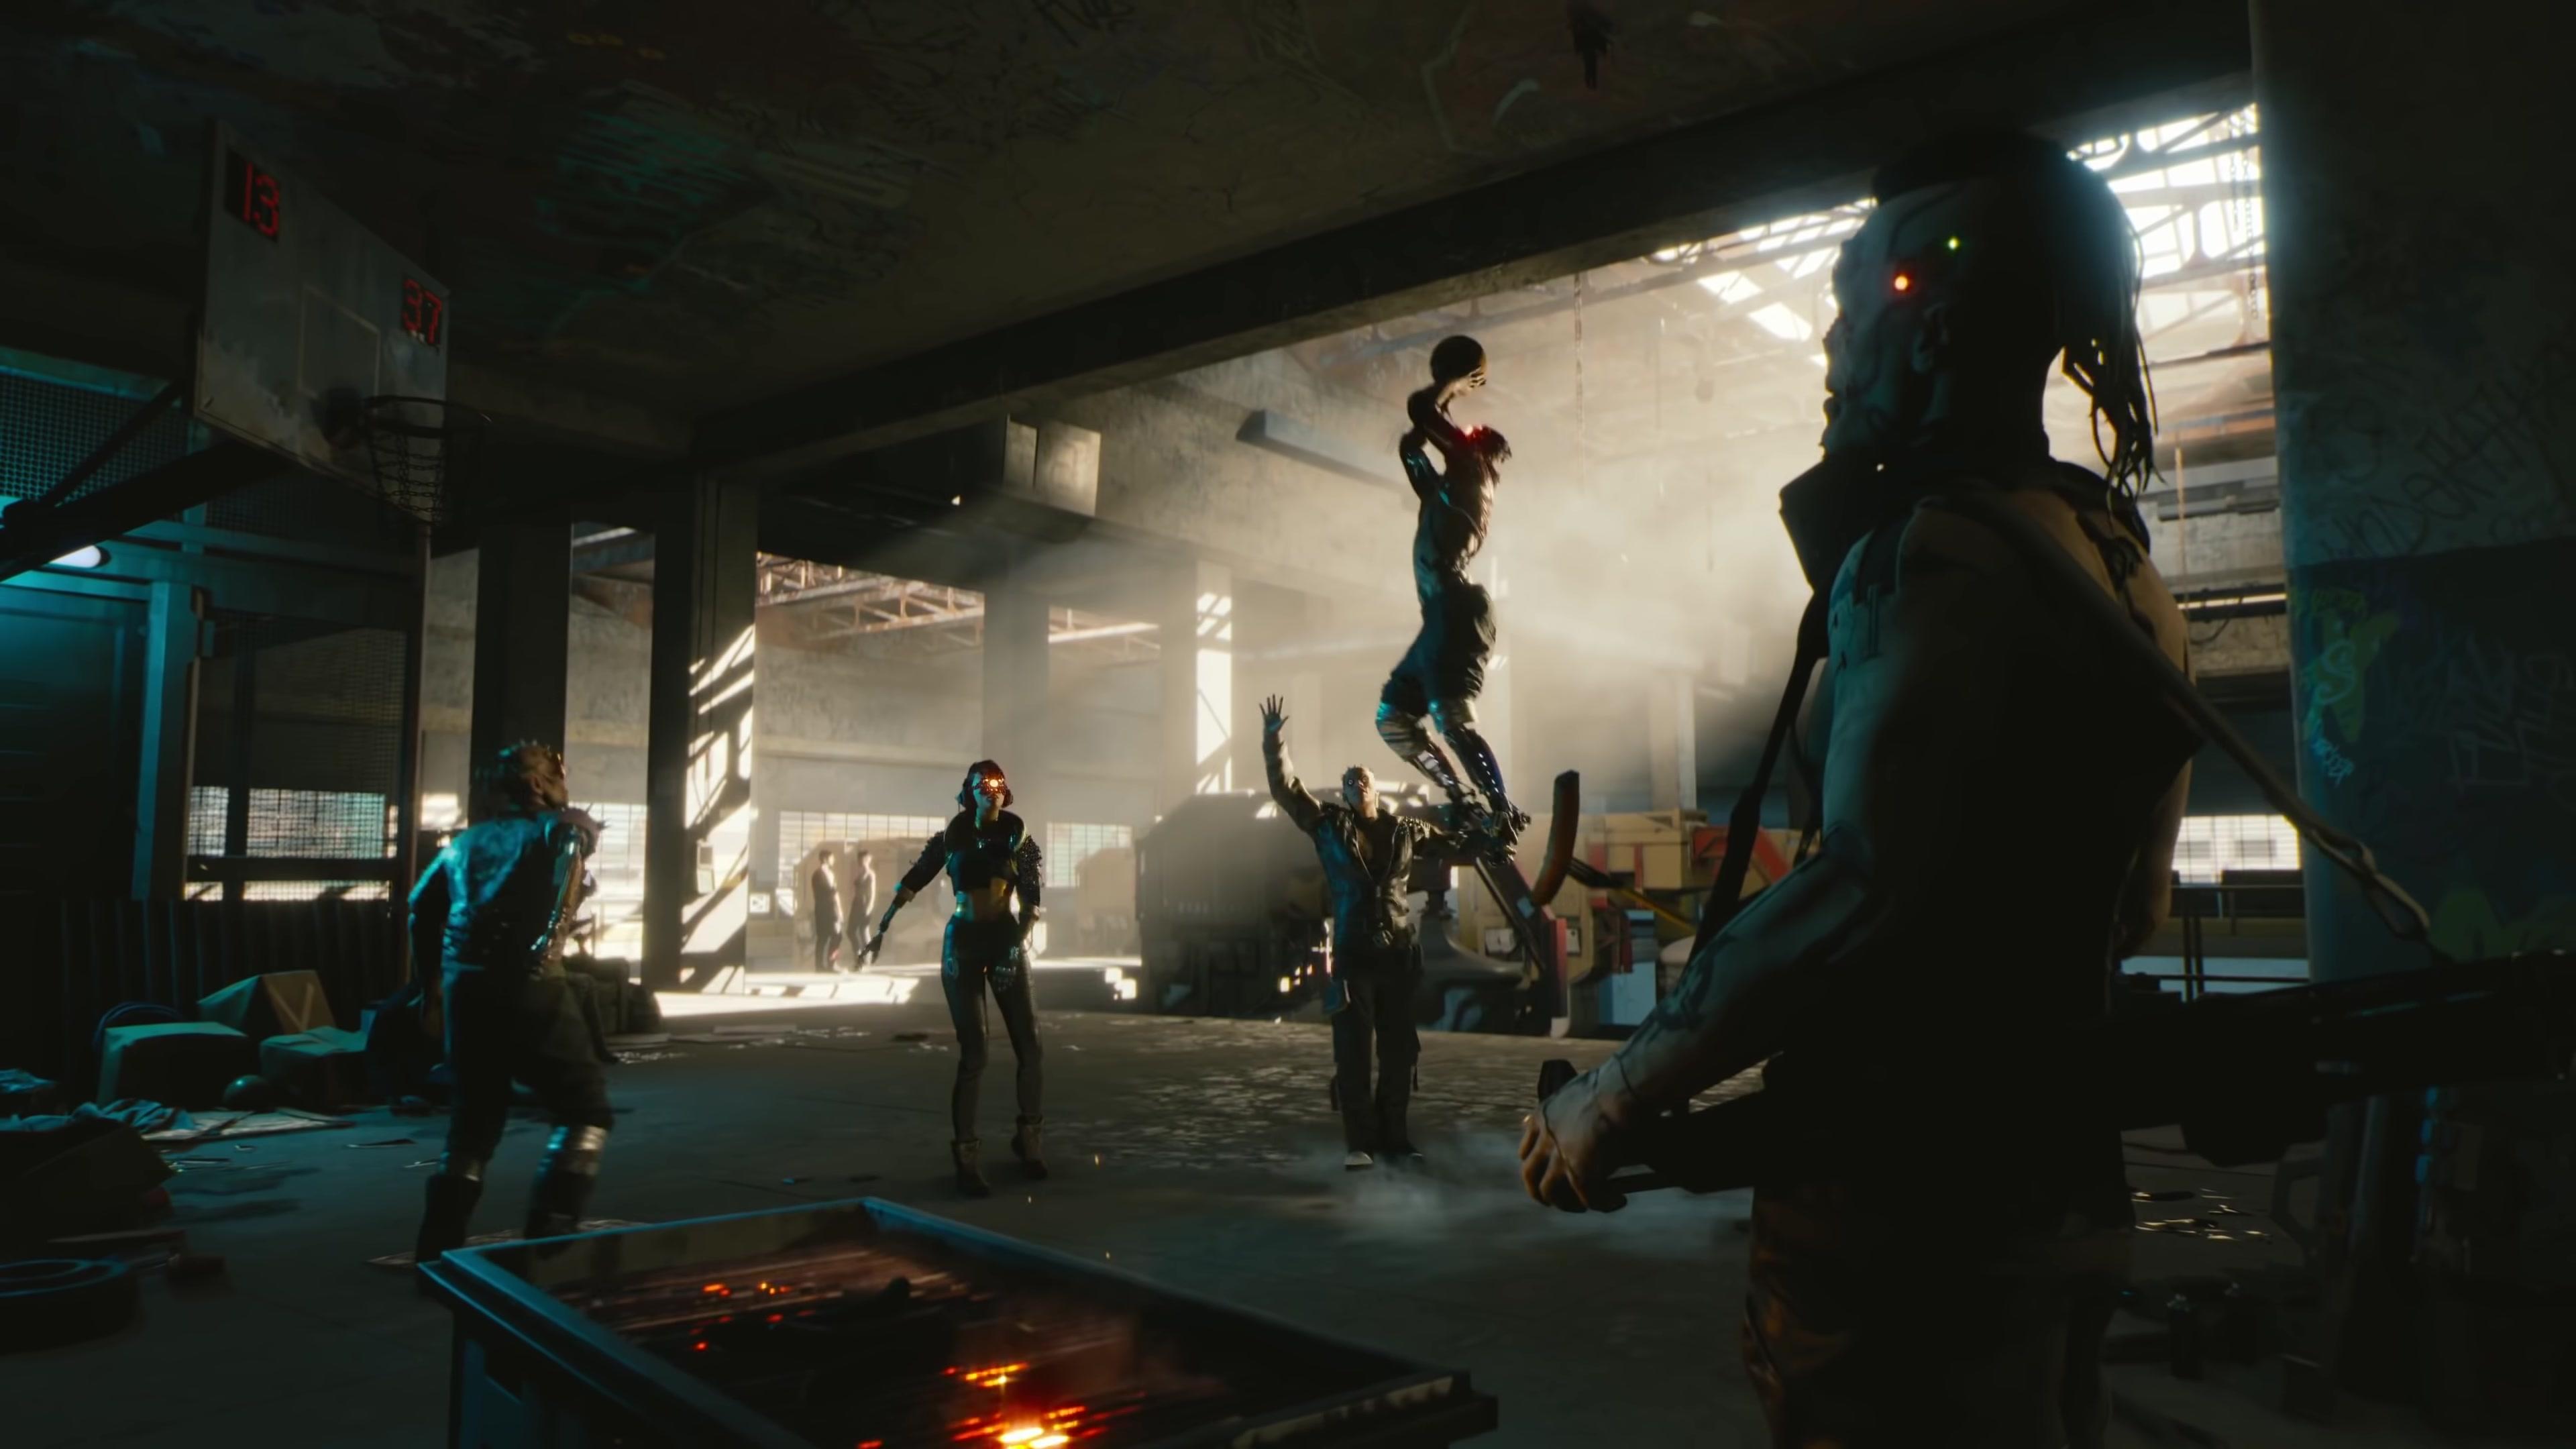 Cyberpunk 2077 068.jpg - Cyberpunk 2077